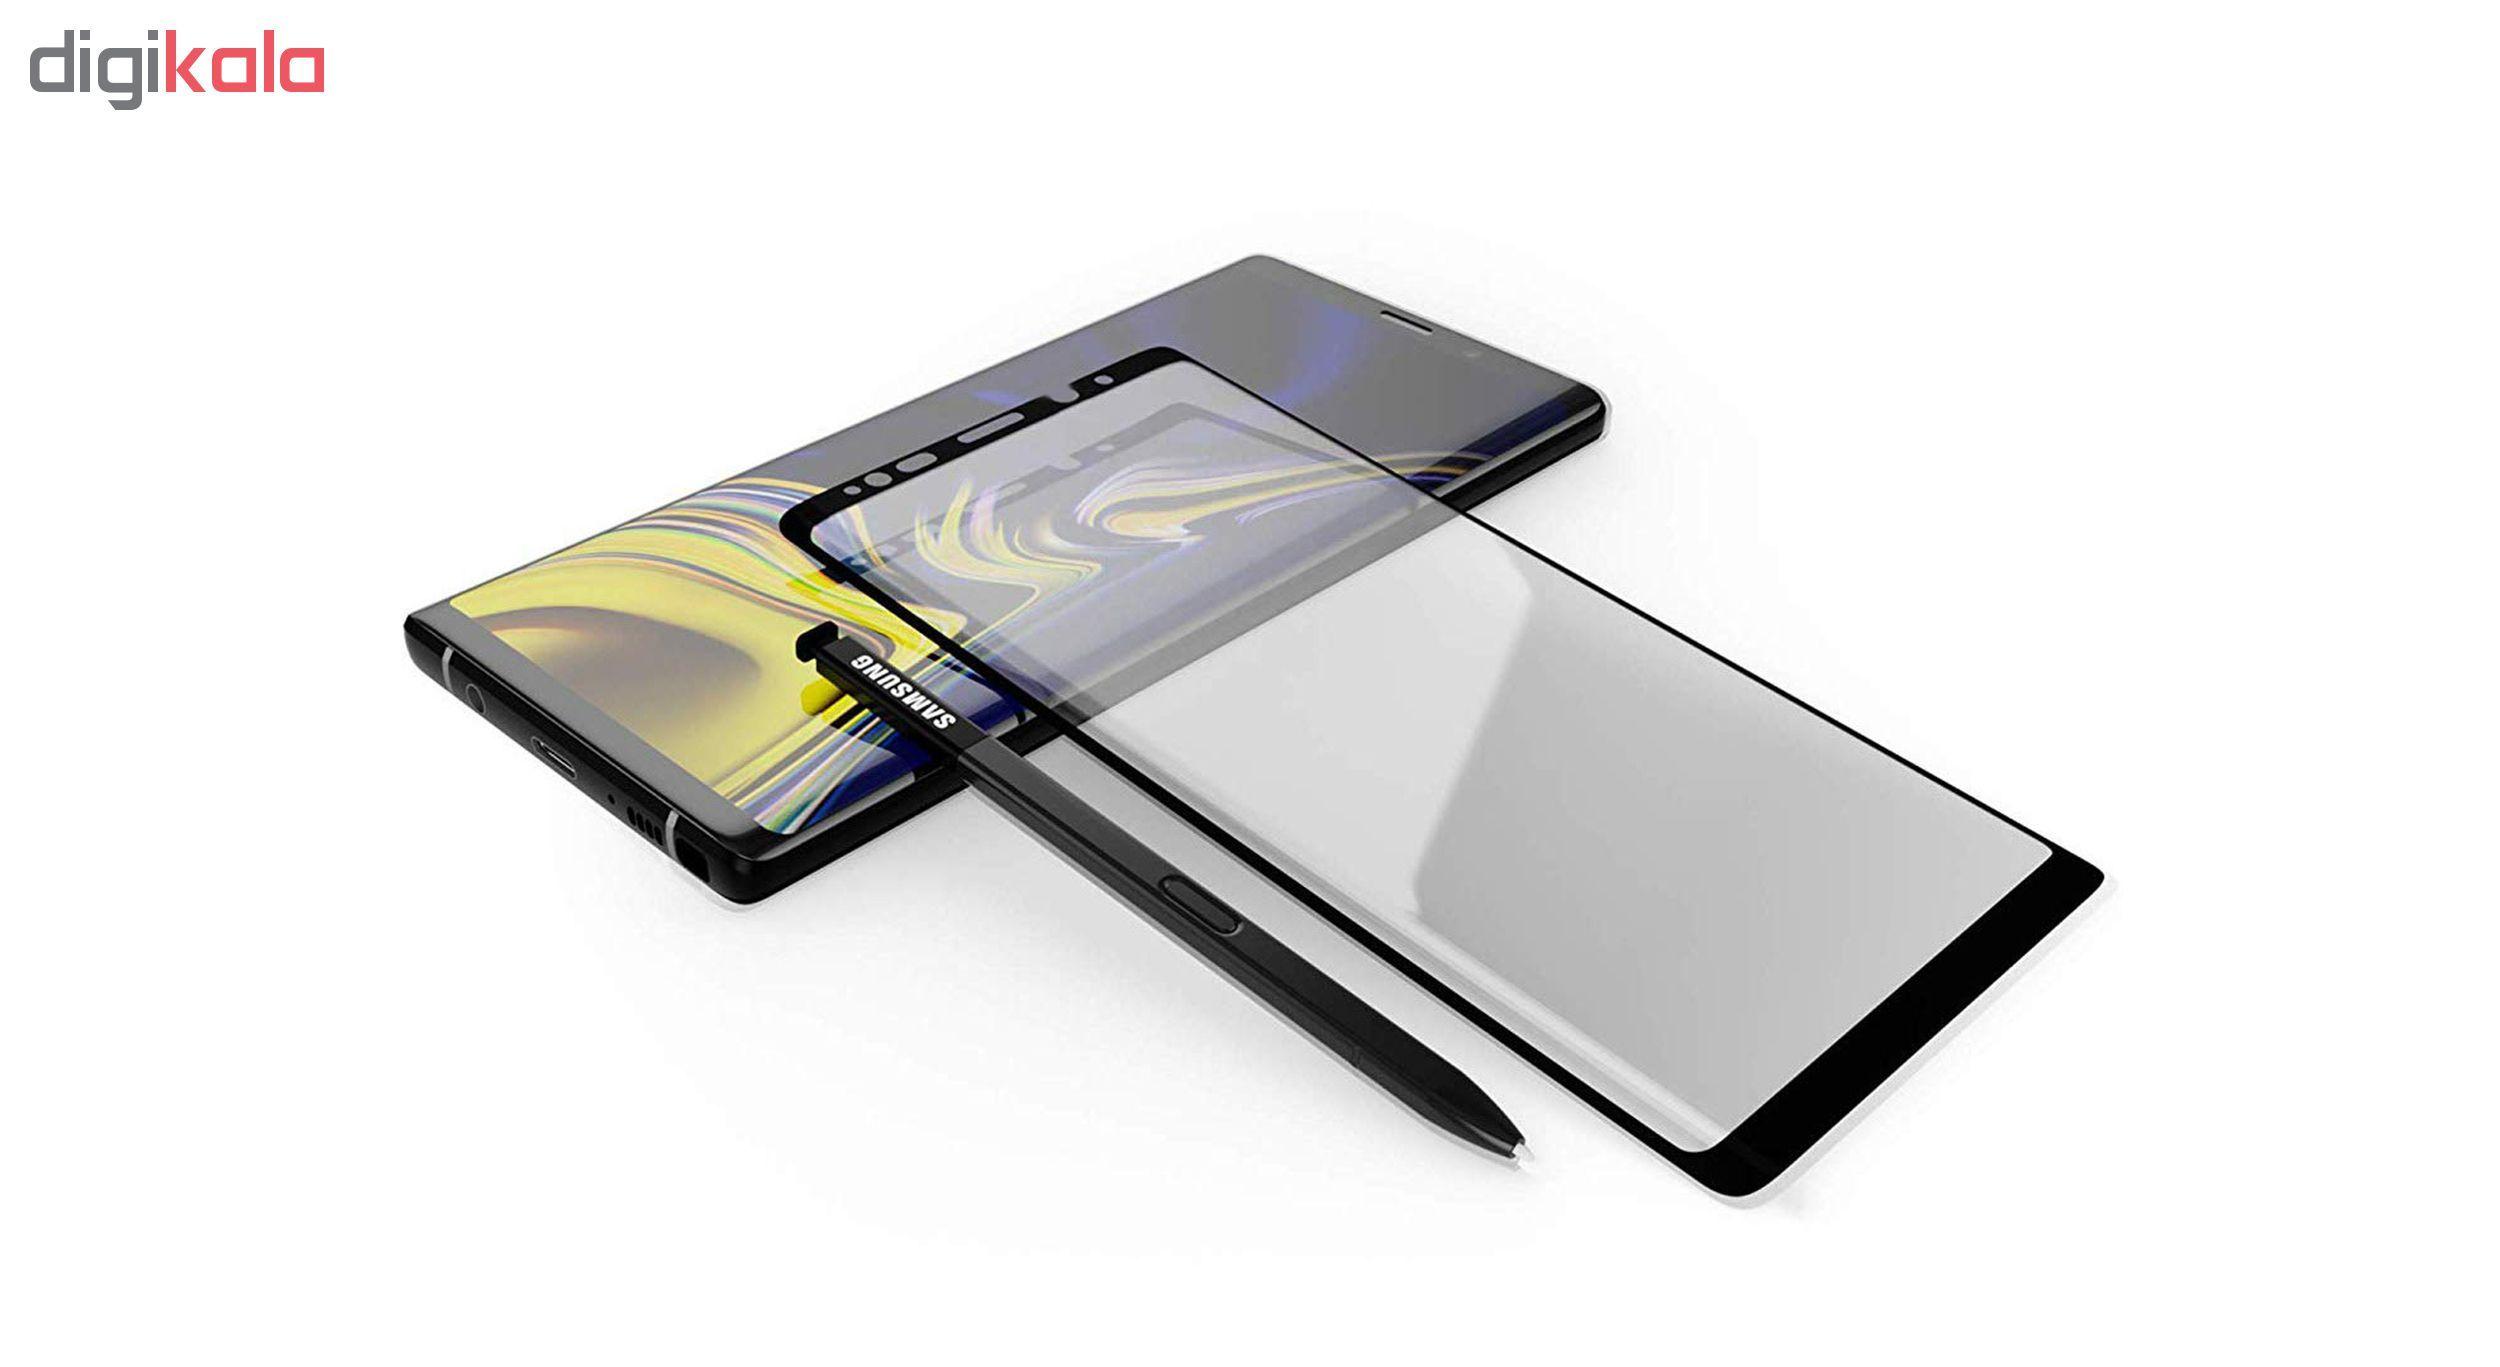 محافظ صفحه نمایش سومگ مدل Nitro مناسب برای گوشی سامسونگ Note 9 main 1 3